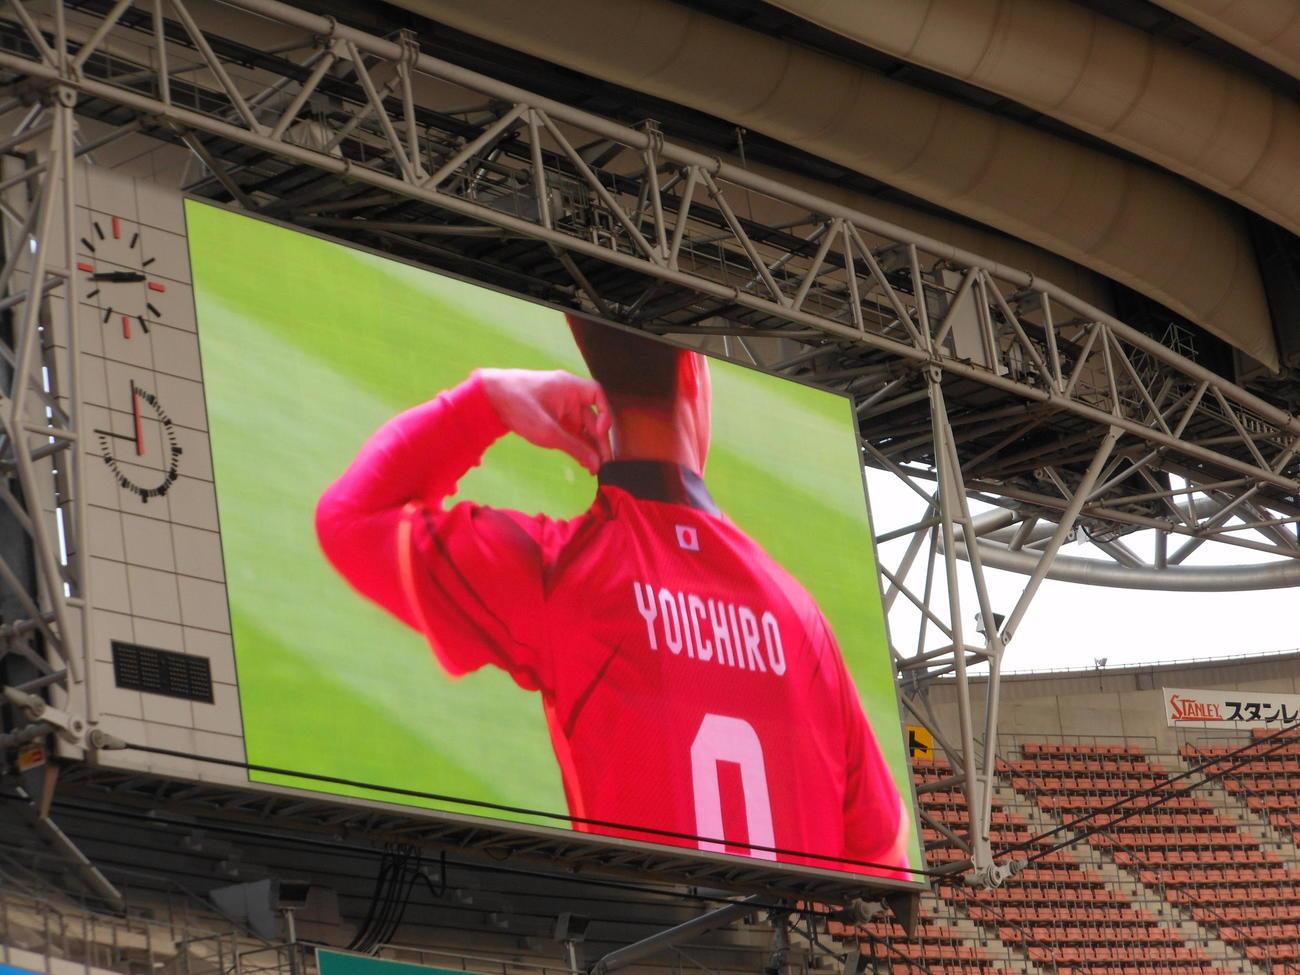 名古屋新体制会見でFW柿谷曜一朗は日の丸が入ったACL用のユニホームの背中を豊田スタジアムの観客に披露した